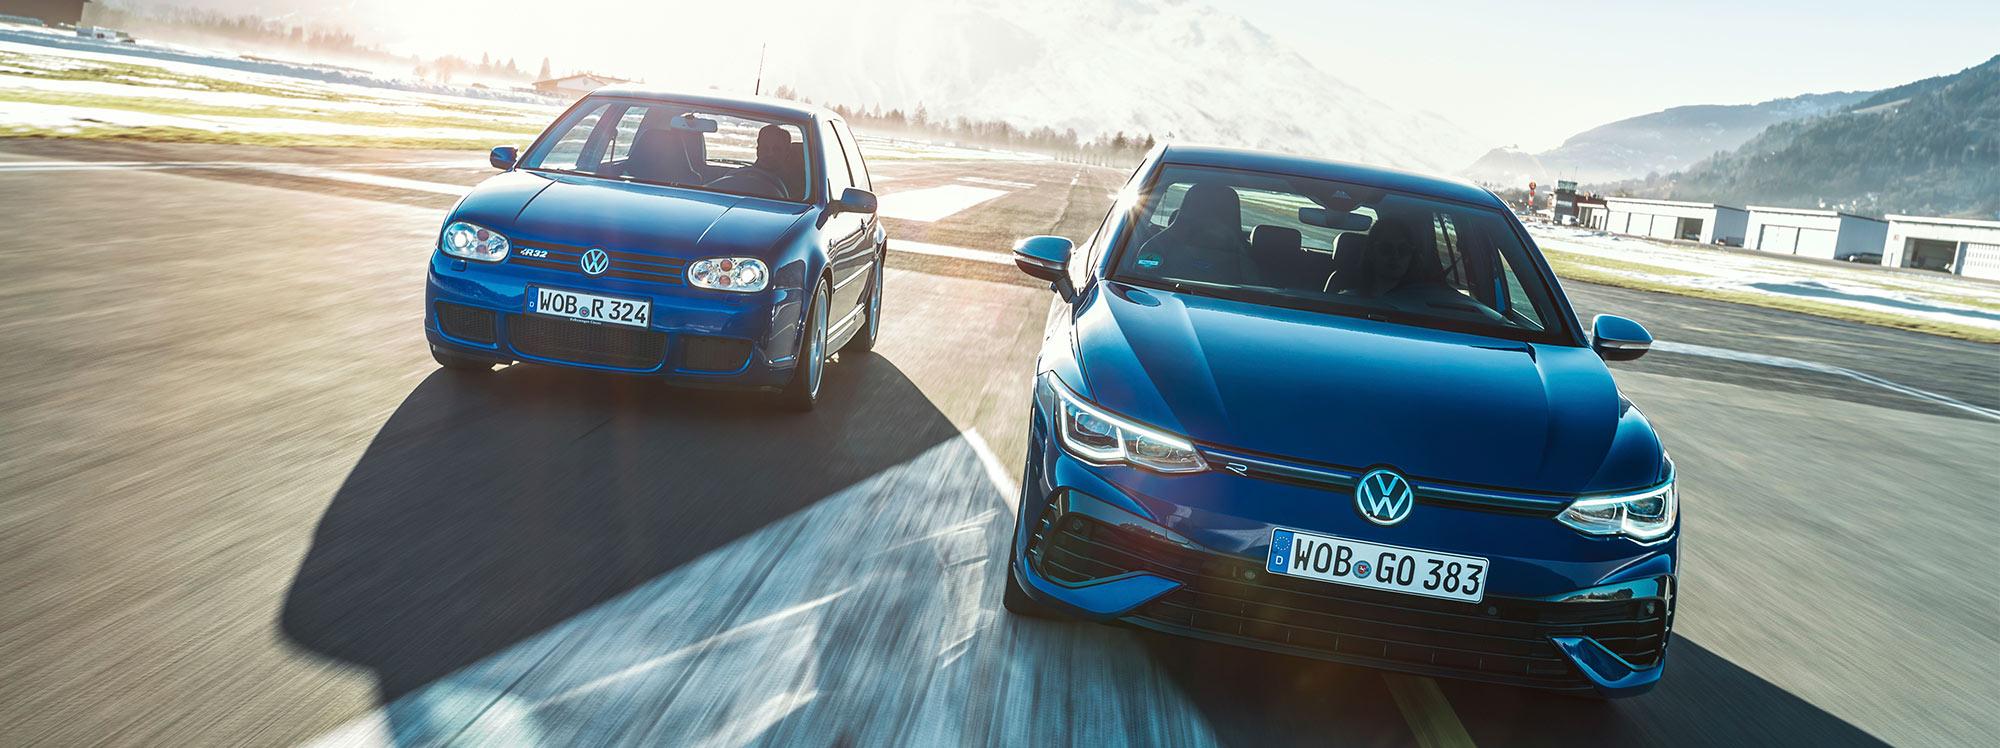 El nuevo Volkswagen Golf R 2021, un nuevo estándar en control